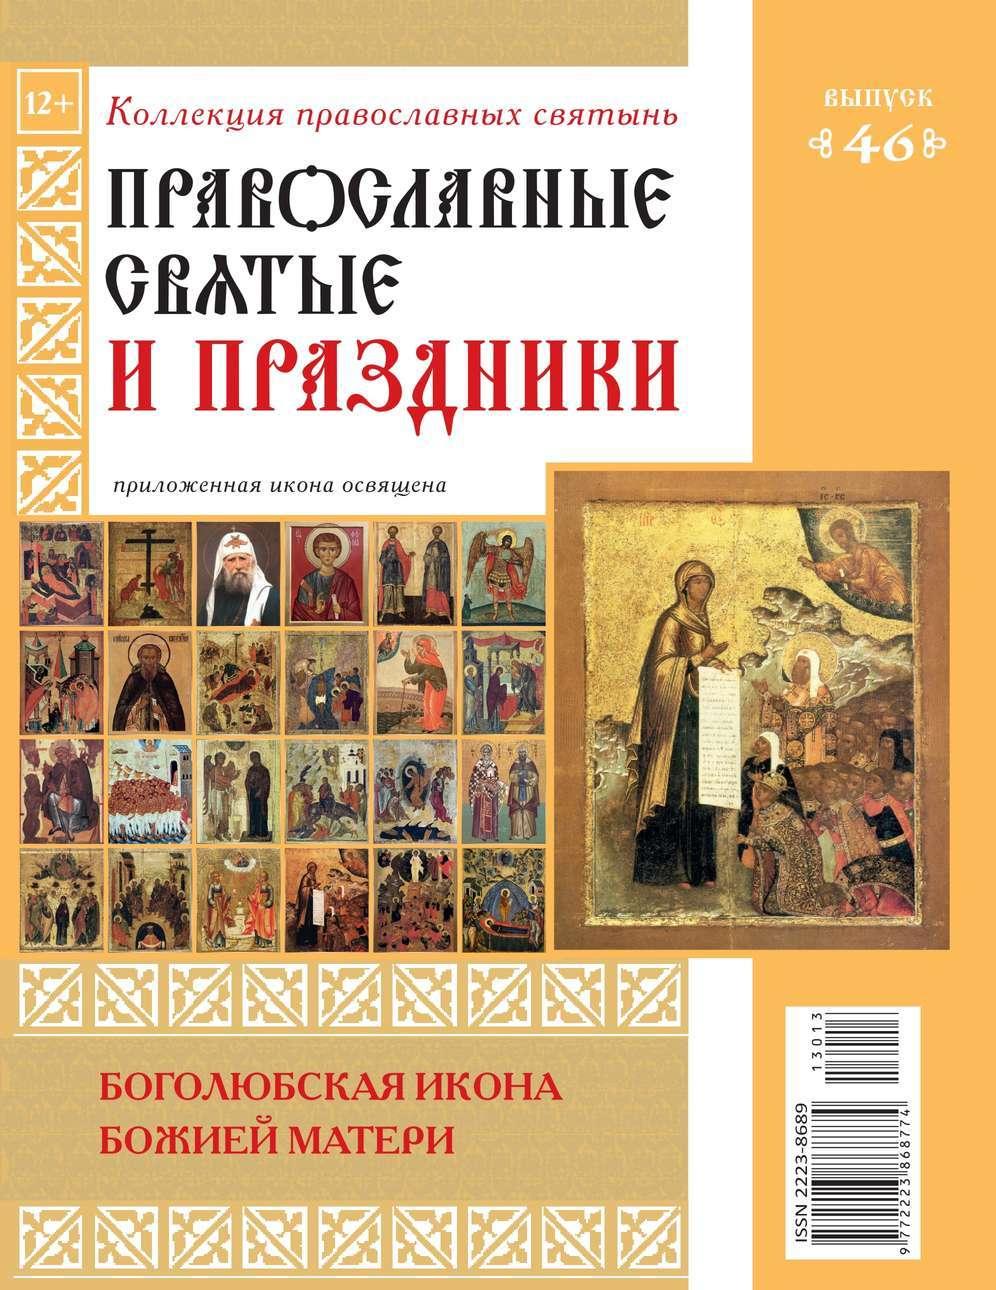 Коллекция Православных Святынь 46